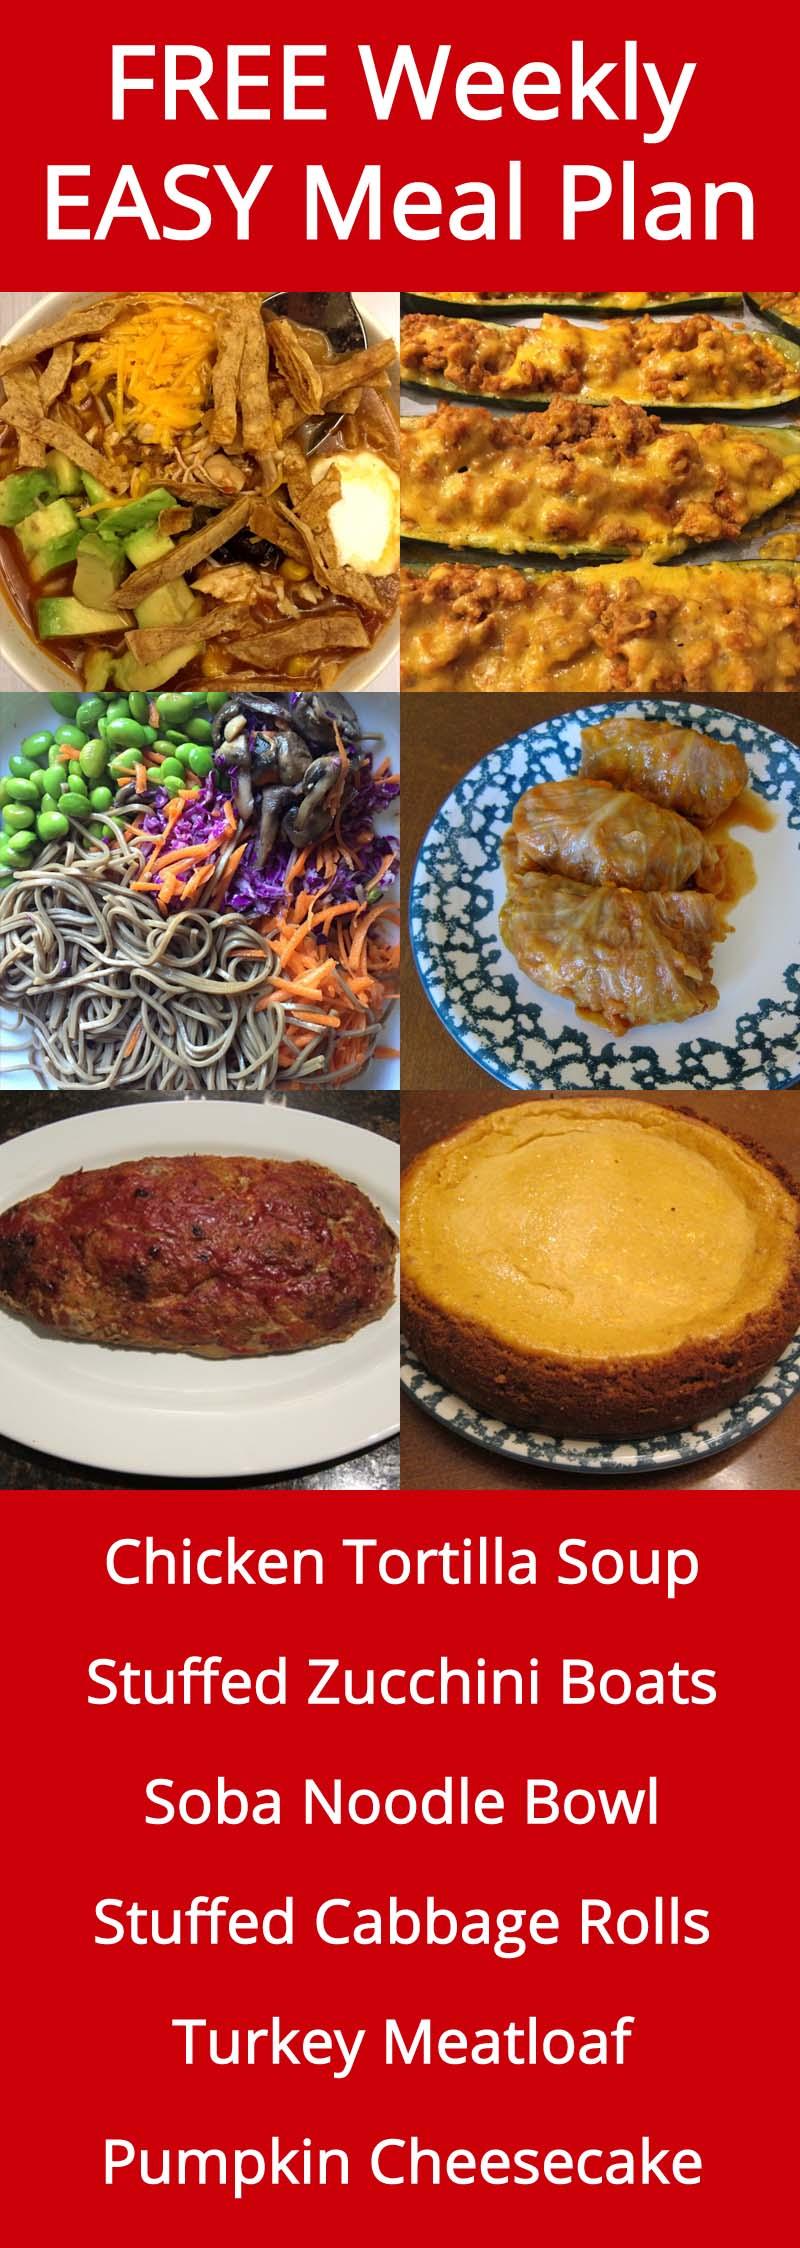 FREE Weekly Easy Meal Plan - Week 32 Recipes